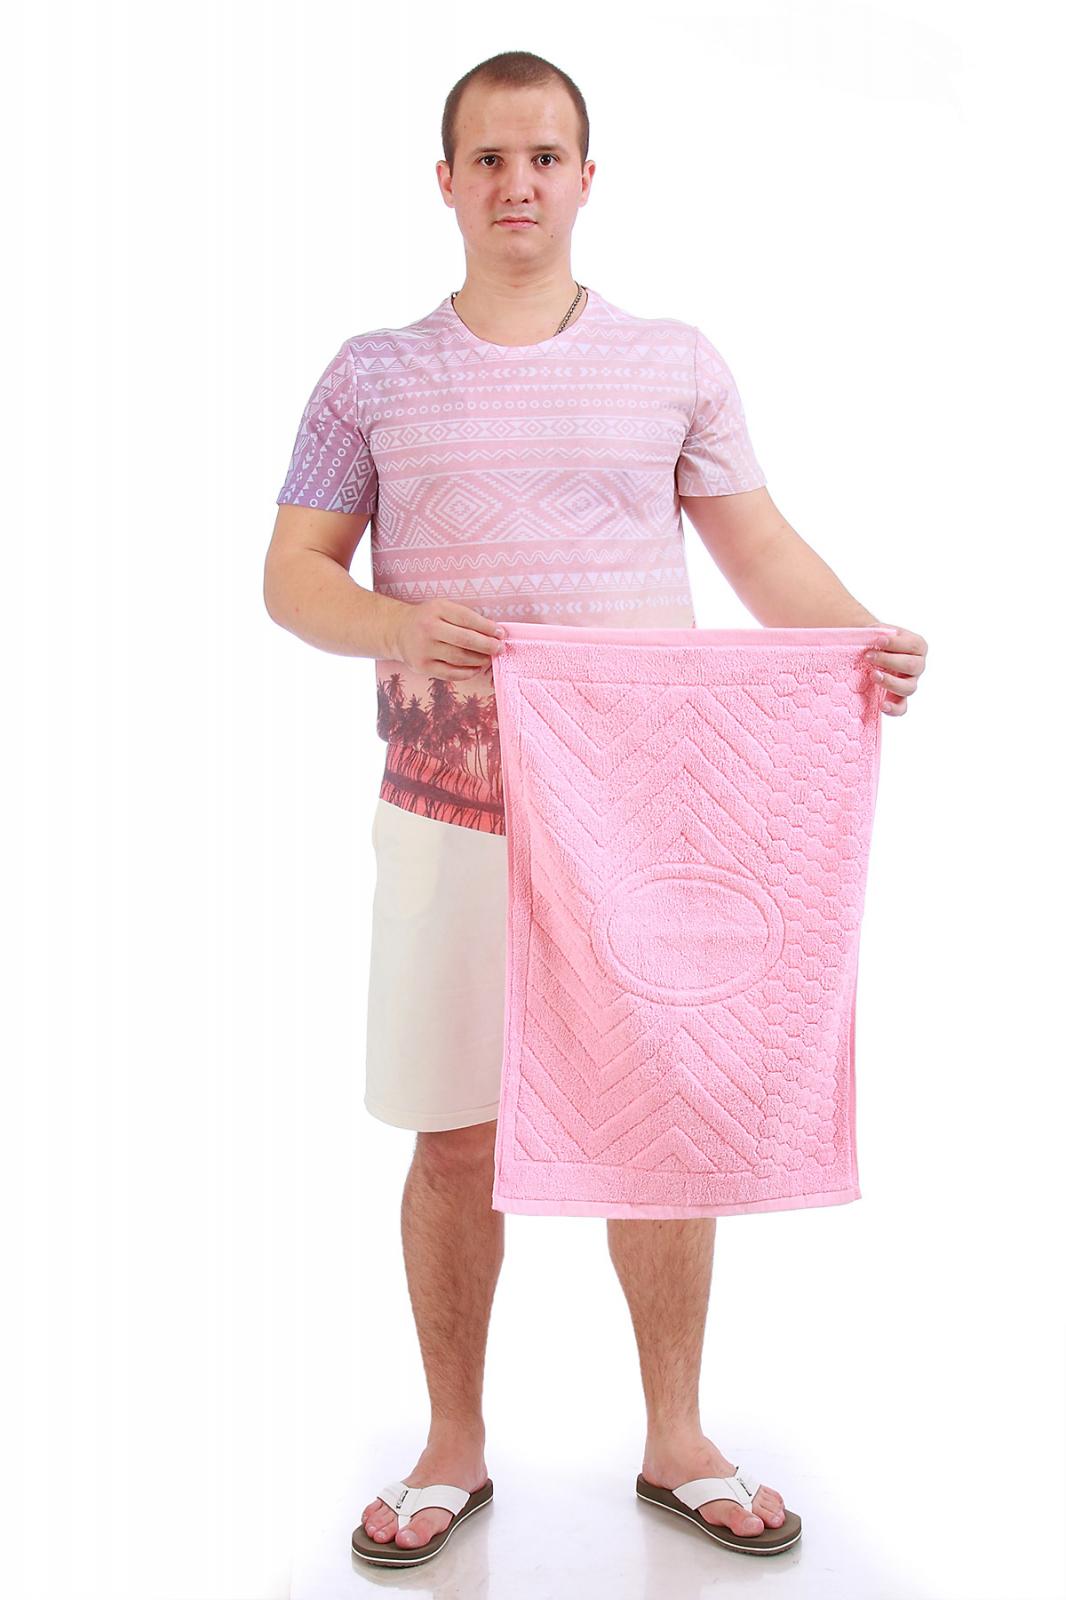 Полотенце для рук - купить с доставкой онлайн